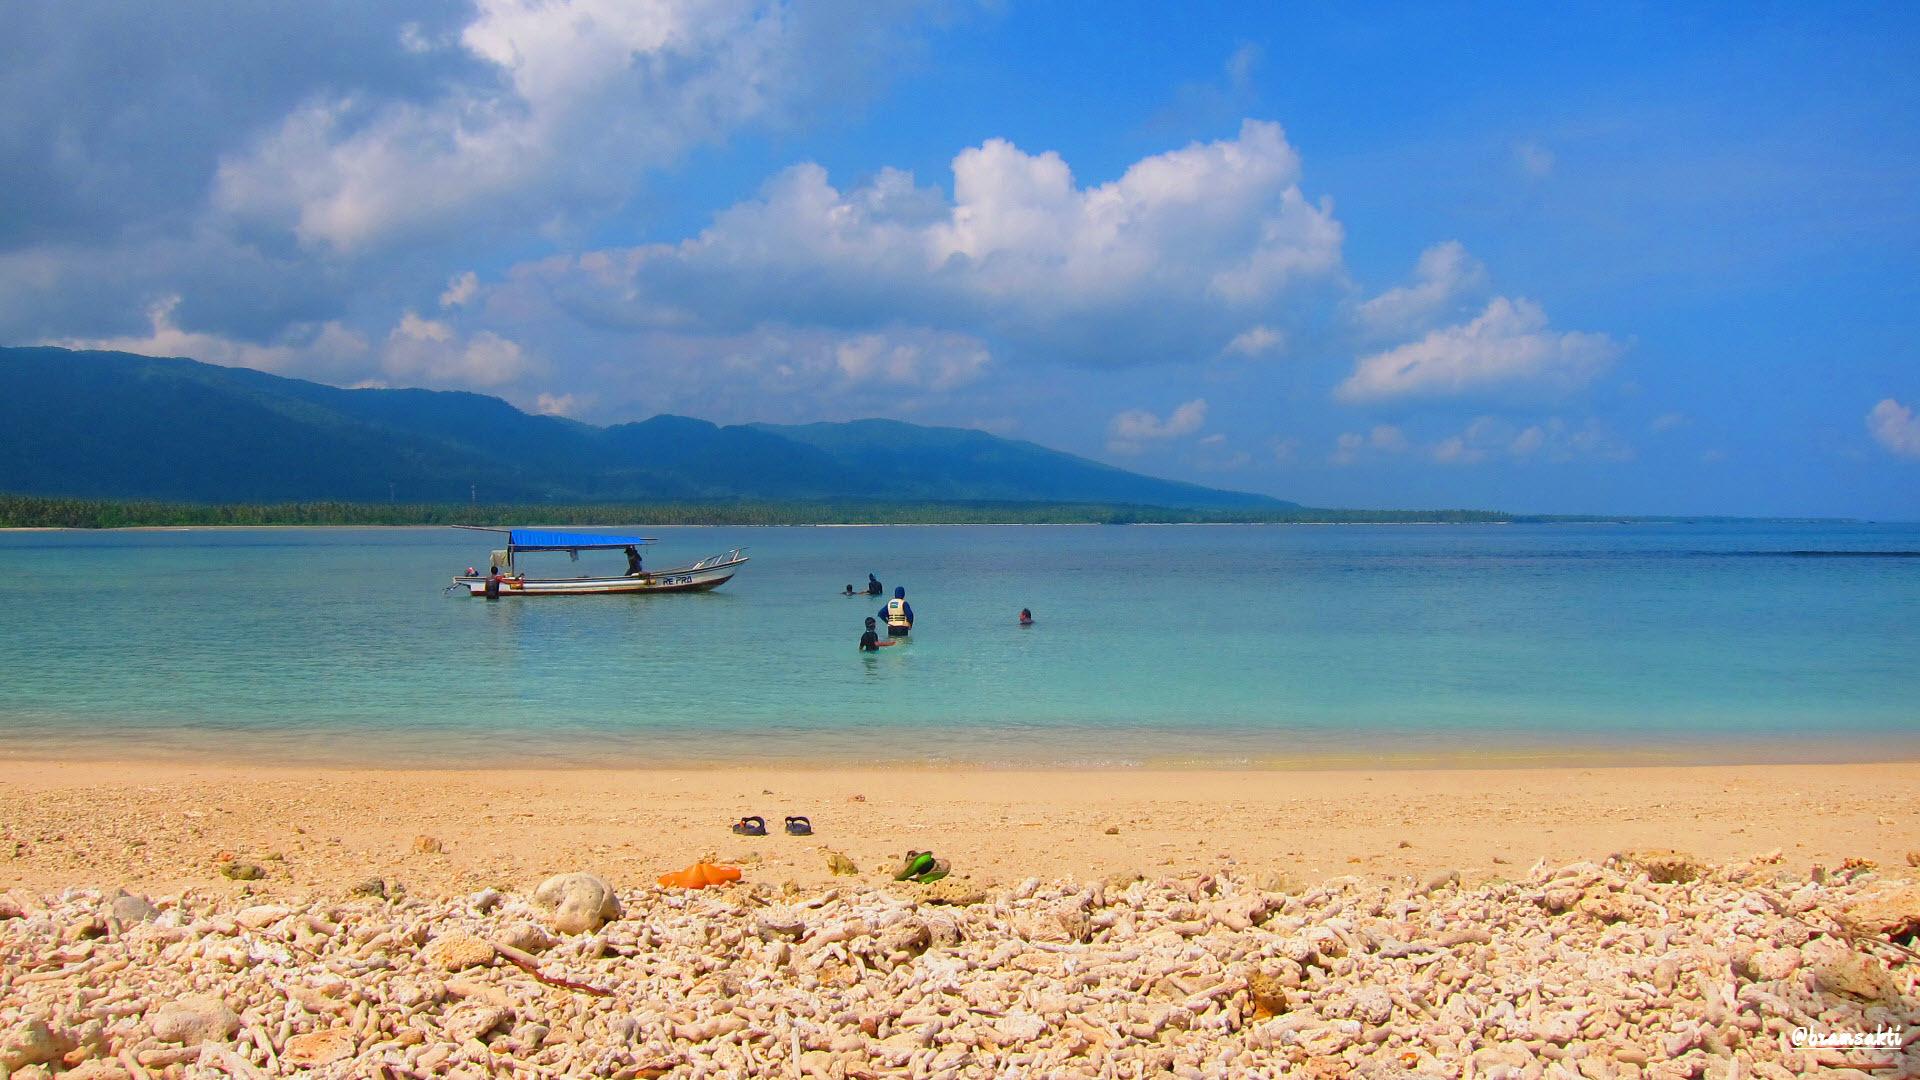 Panaroma Wisata Pantai Ciputih Pandeglang Keindahan Kab